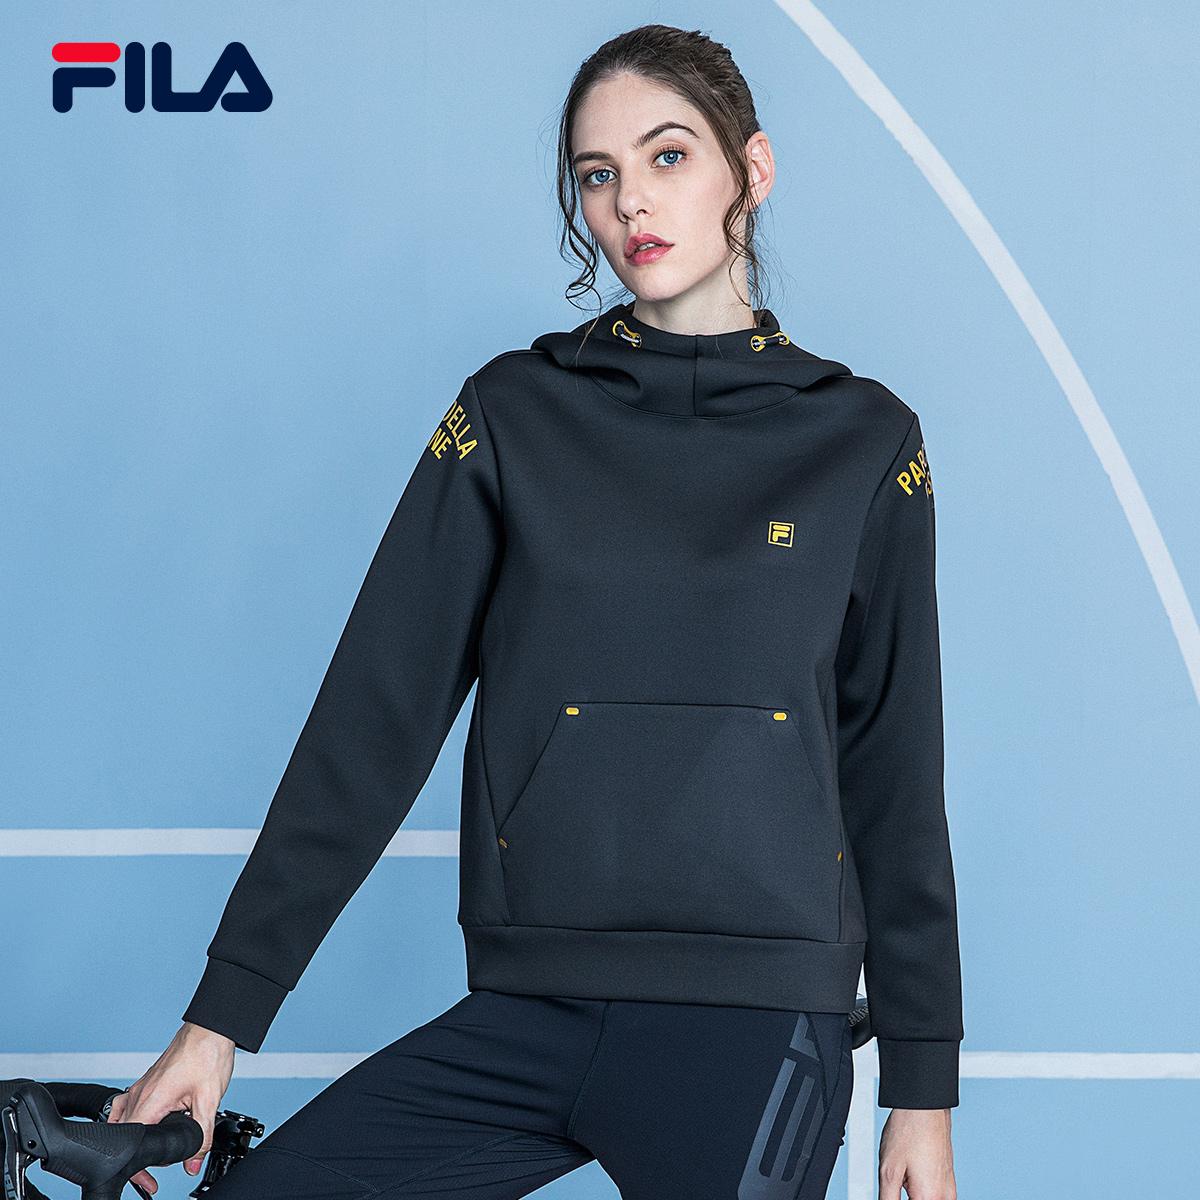 FILA斐乐RED系列女跑步卫衣2018秋季新品连帽套头衫耐磨保暖上衣